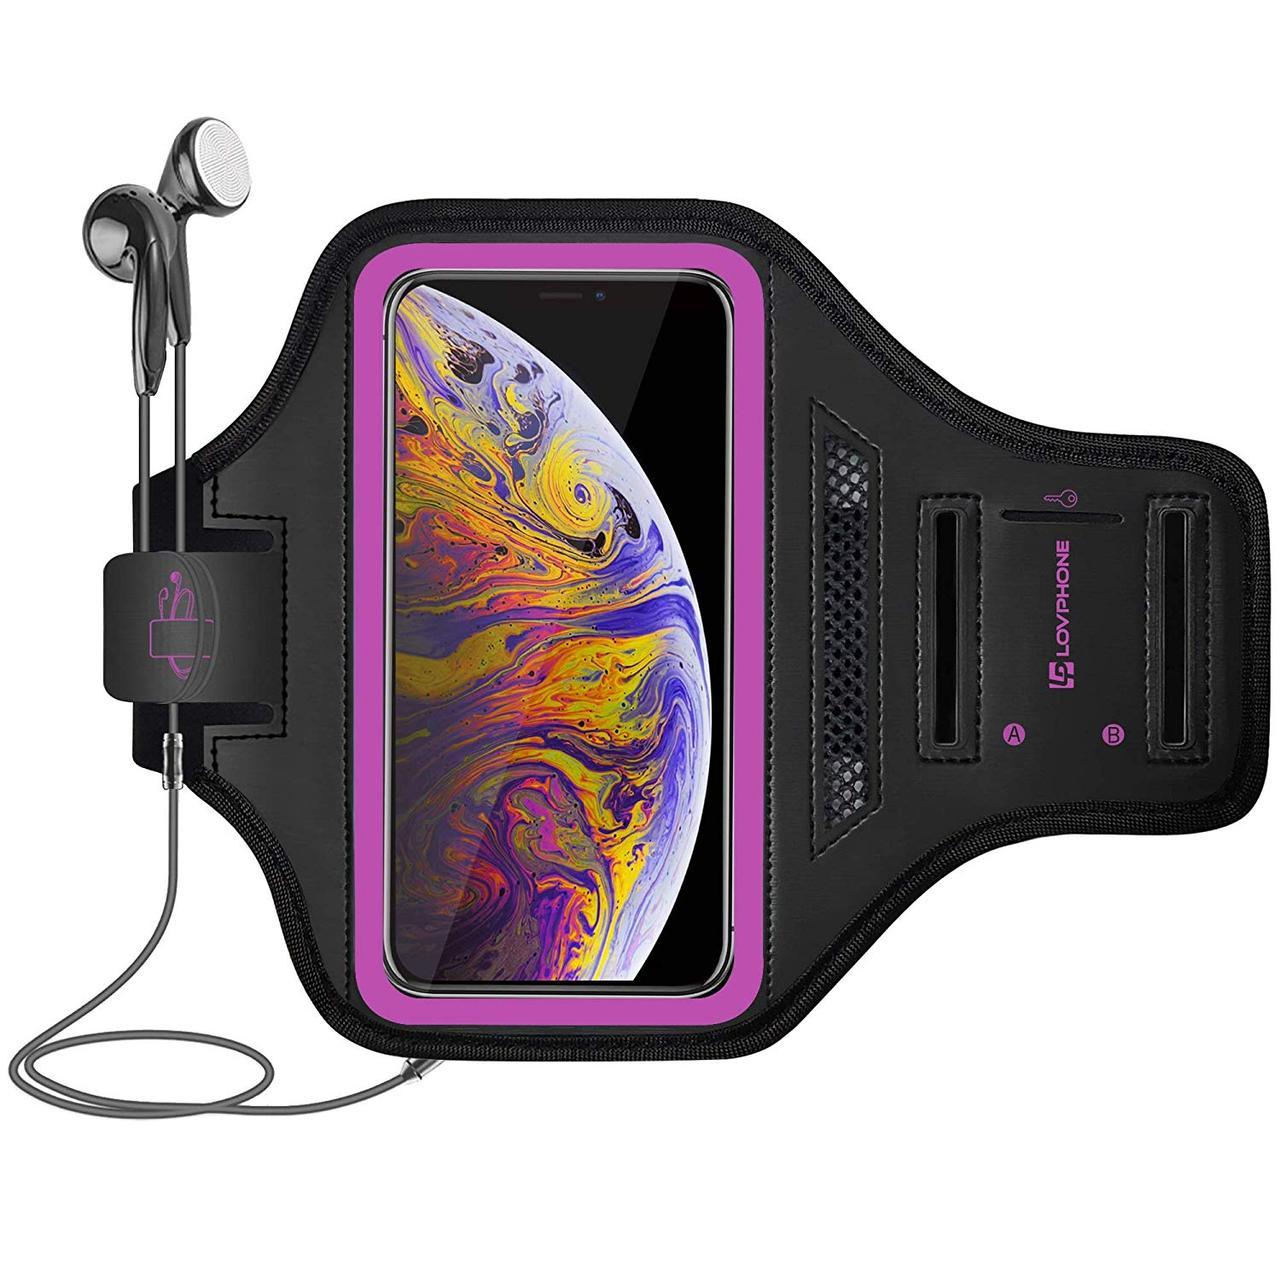 Спортивный чехол LOVPHONE универсальный влагостойкий  светоотражающий розовый